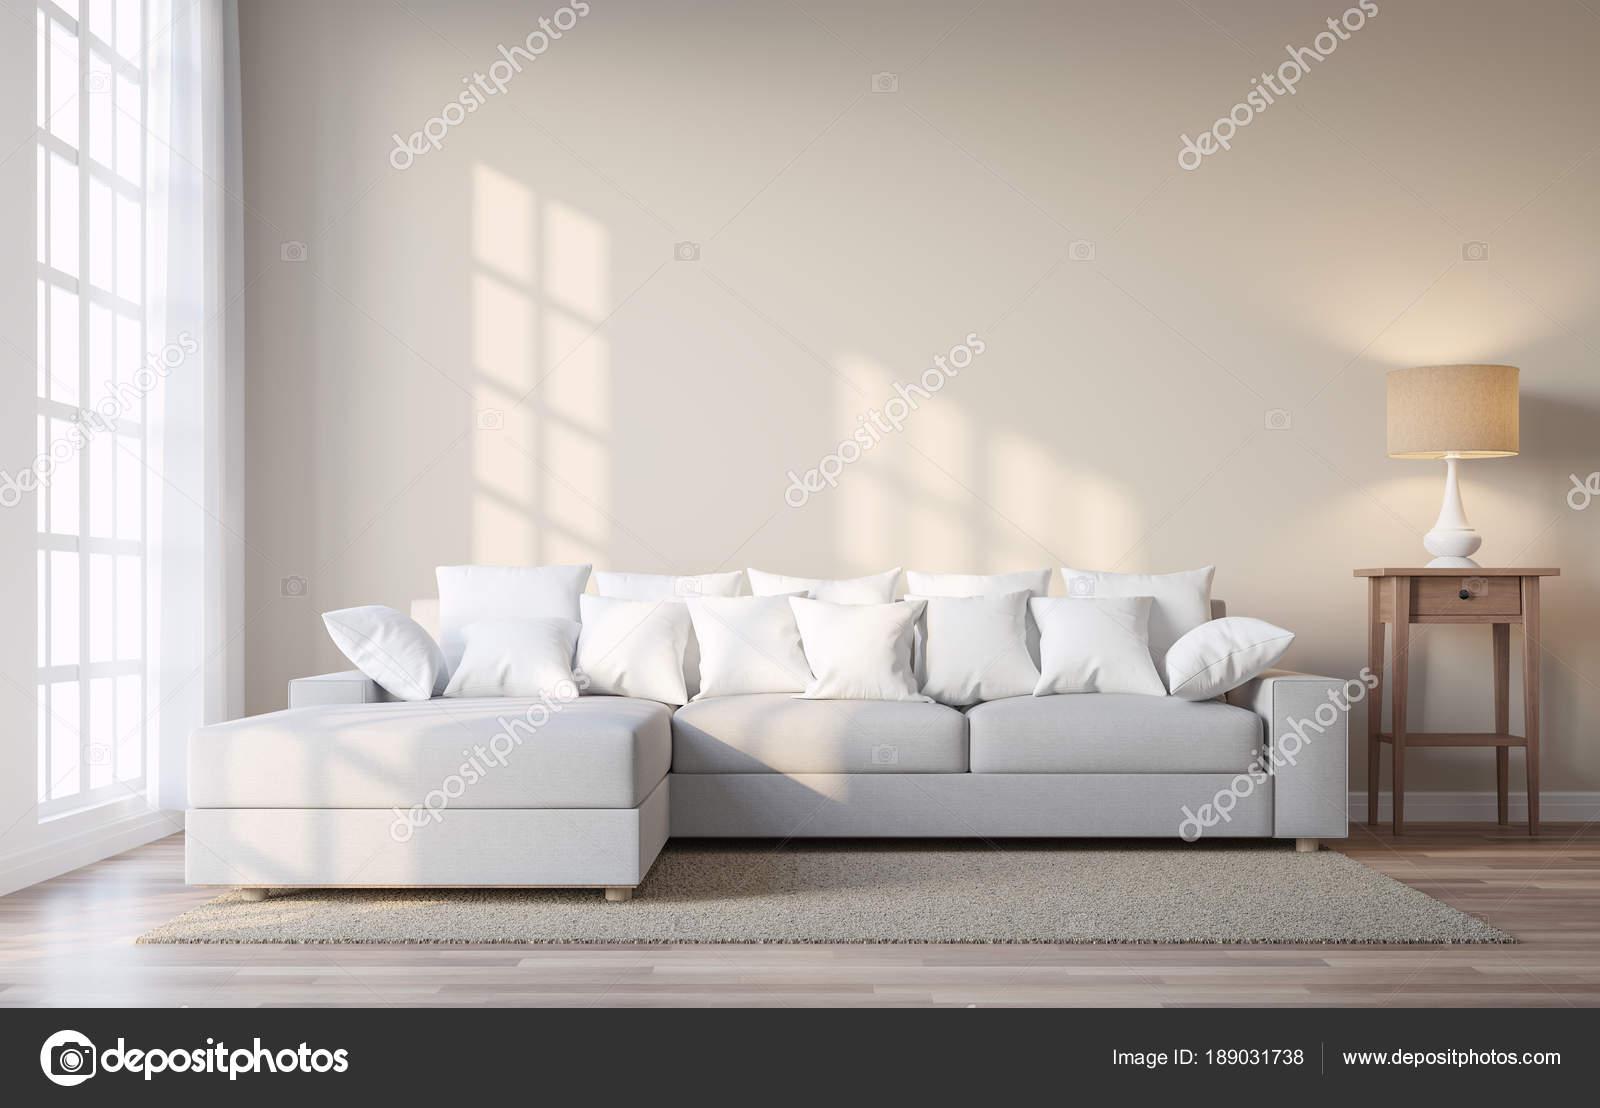 Kleur Muren Woonkamer : Vintage stijl woonkamer met beige kleur muur render kamers hebben